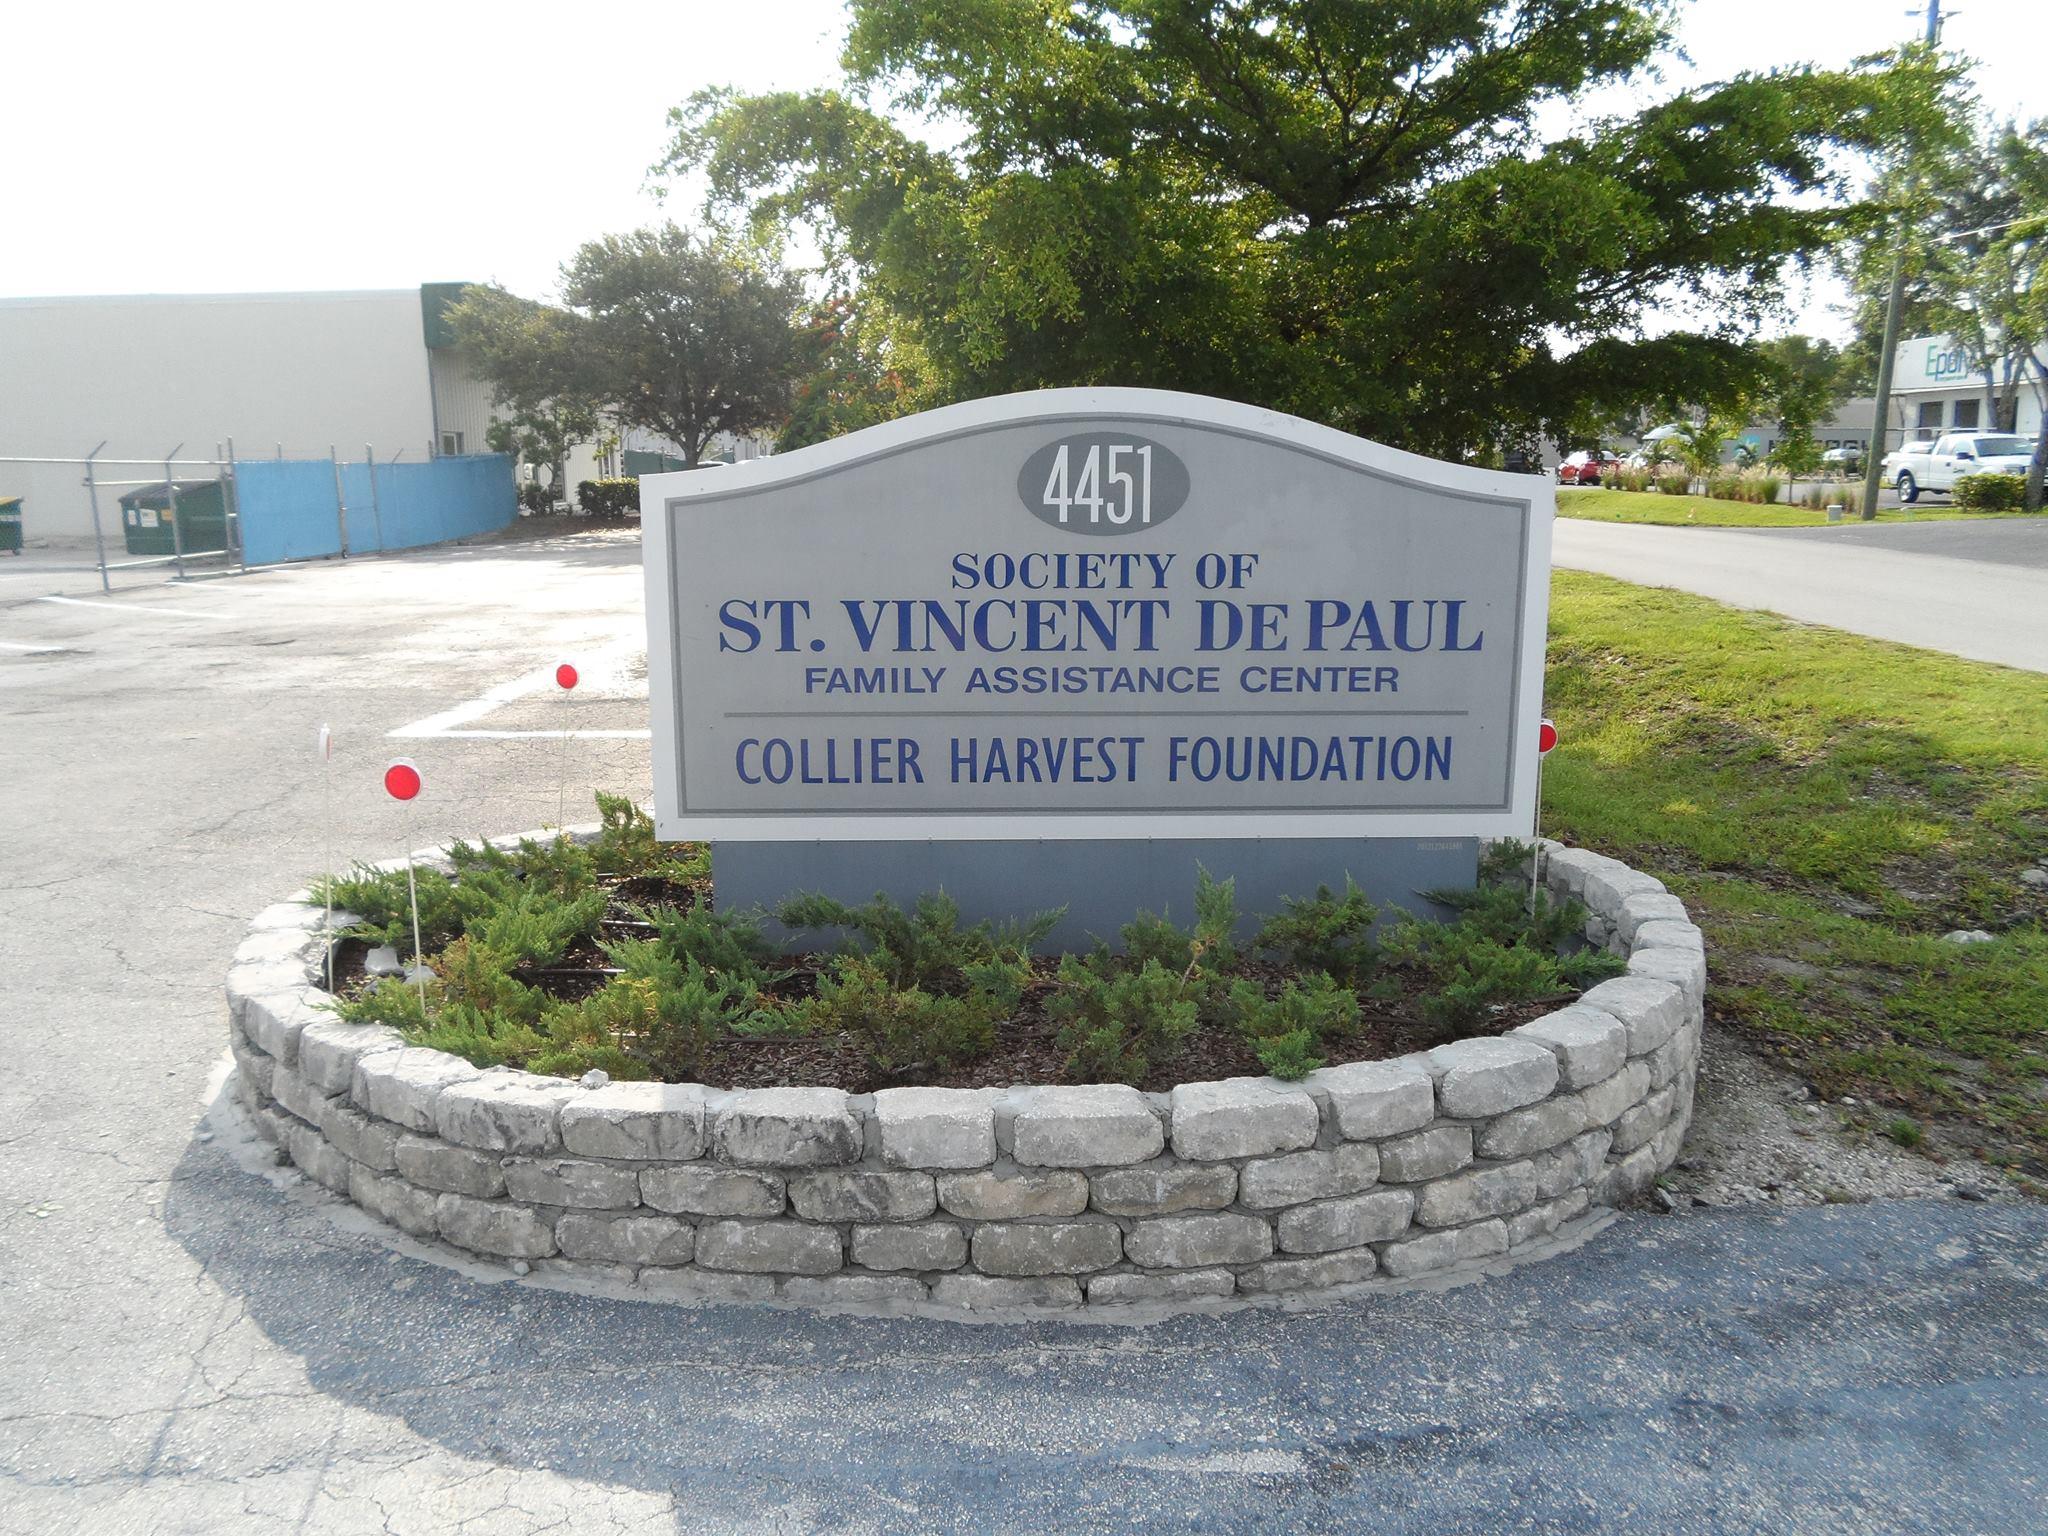 St Vincent De Paul Society of Naples Family Assistance Center